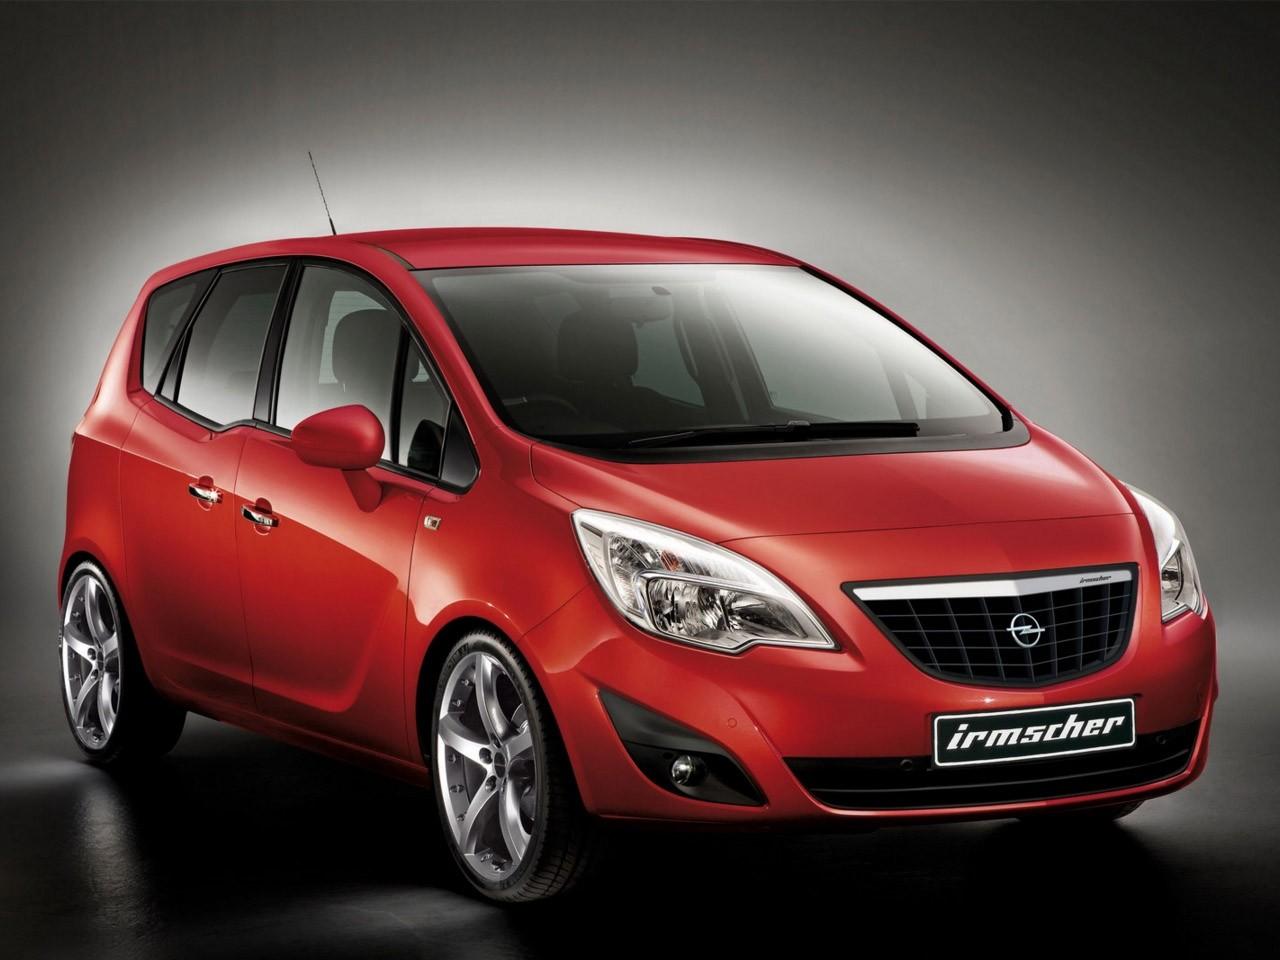 2010 Irmscher Opel Meriva